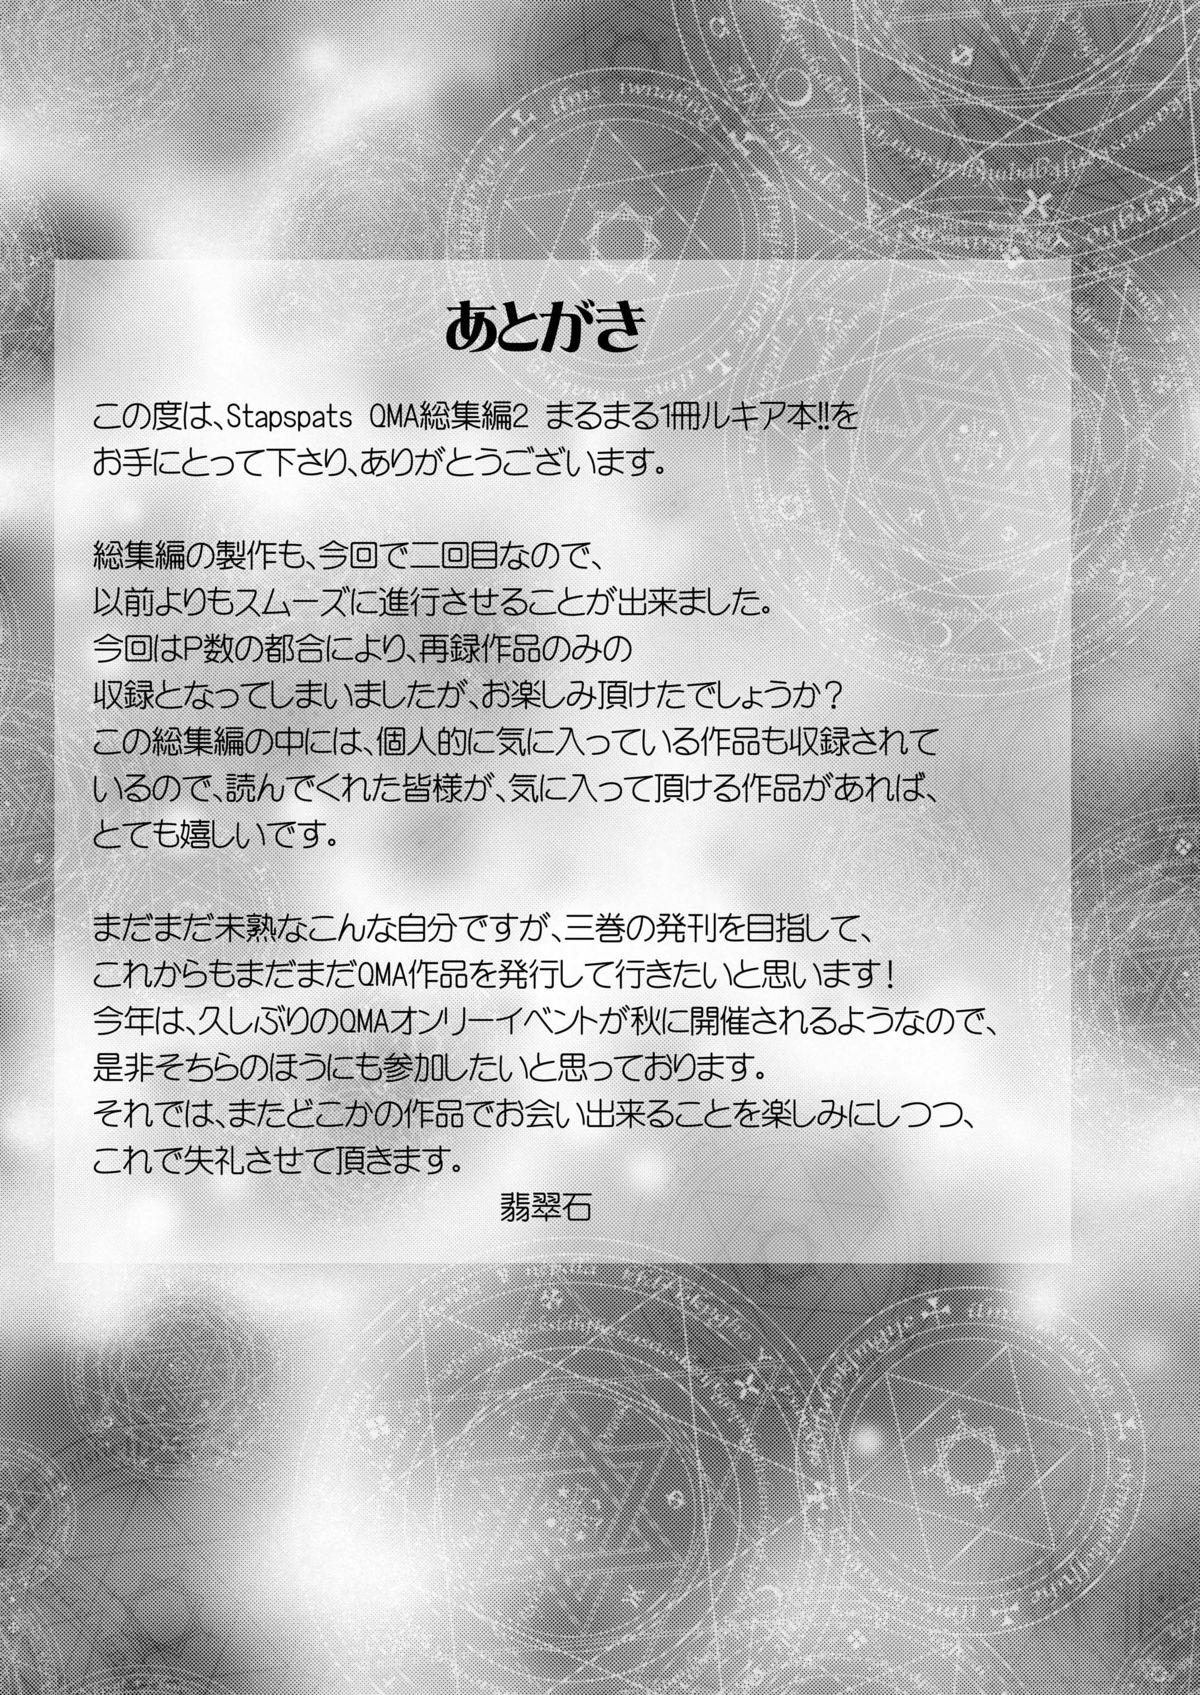 Stapspats QMA Soushuuhen 2: Marumaru Issatsu! Ruquia Hon!! 155